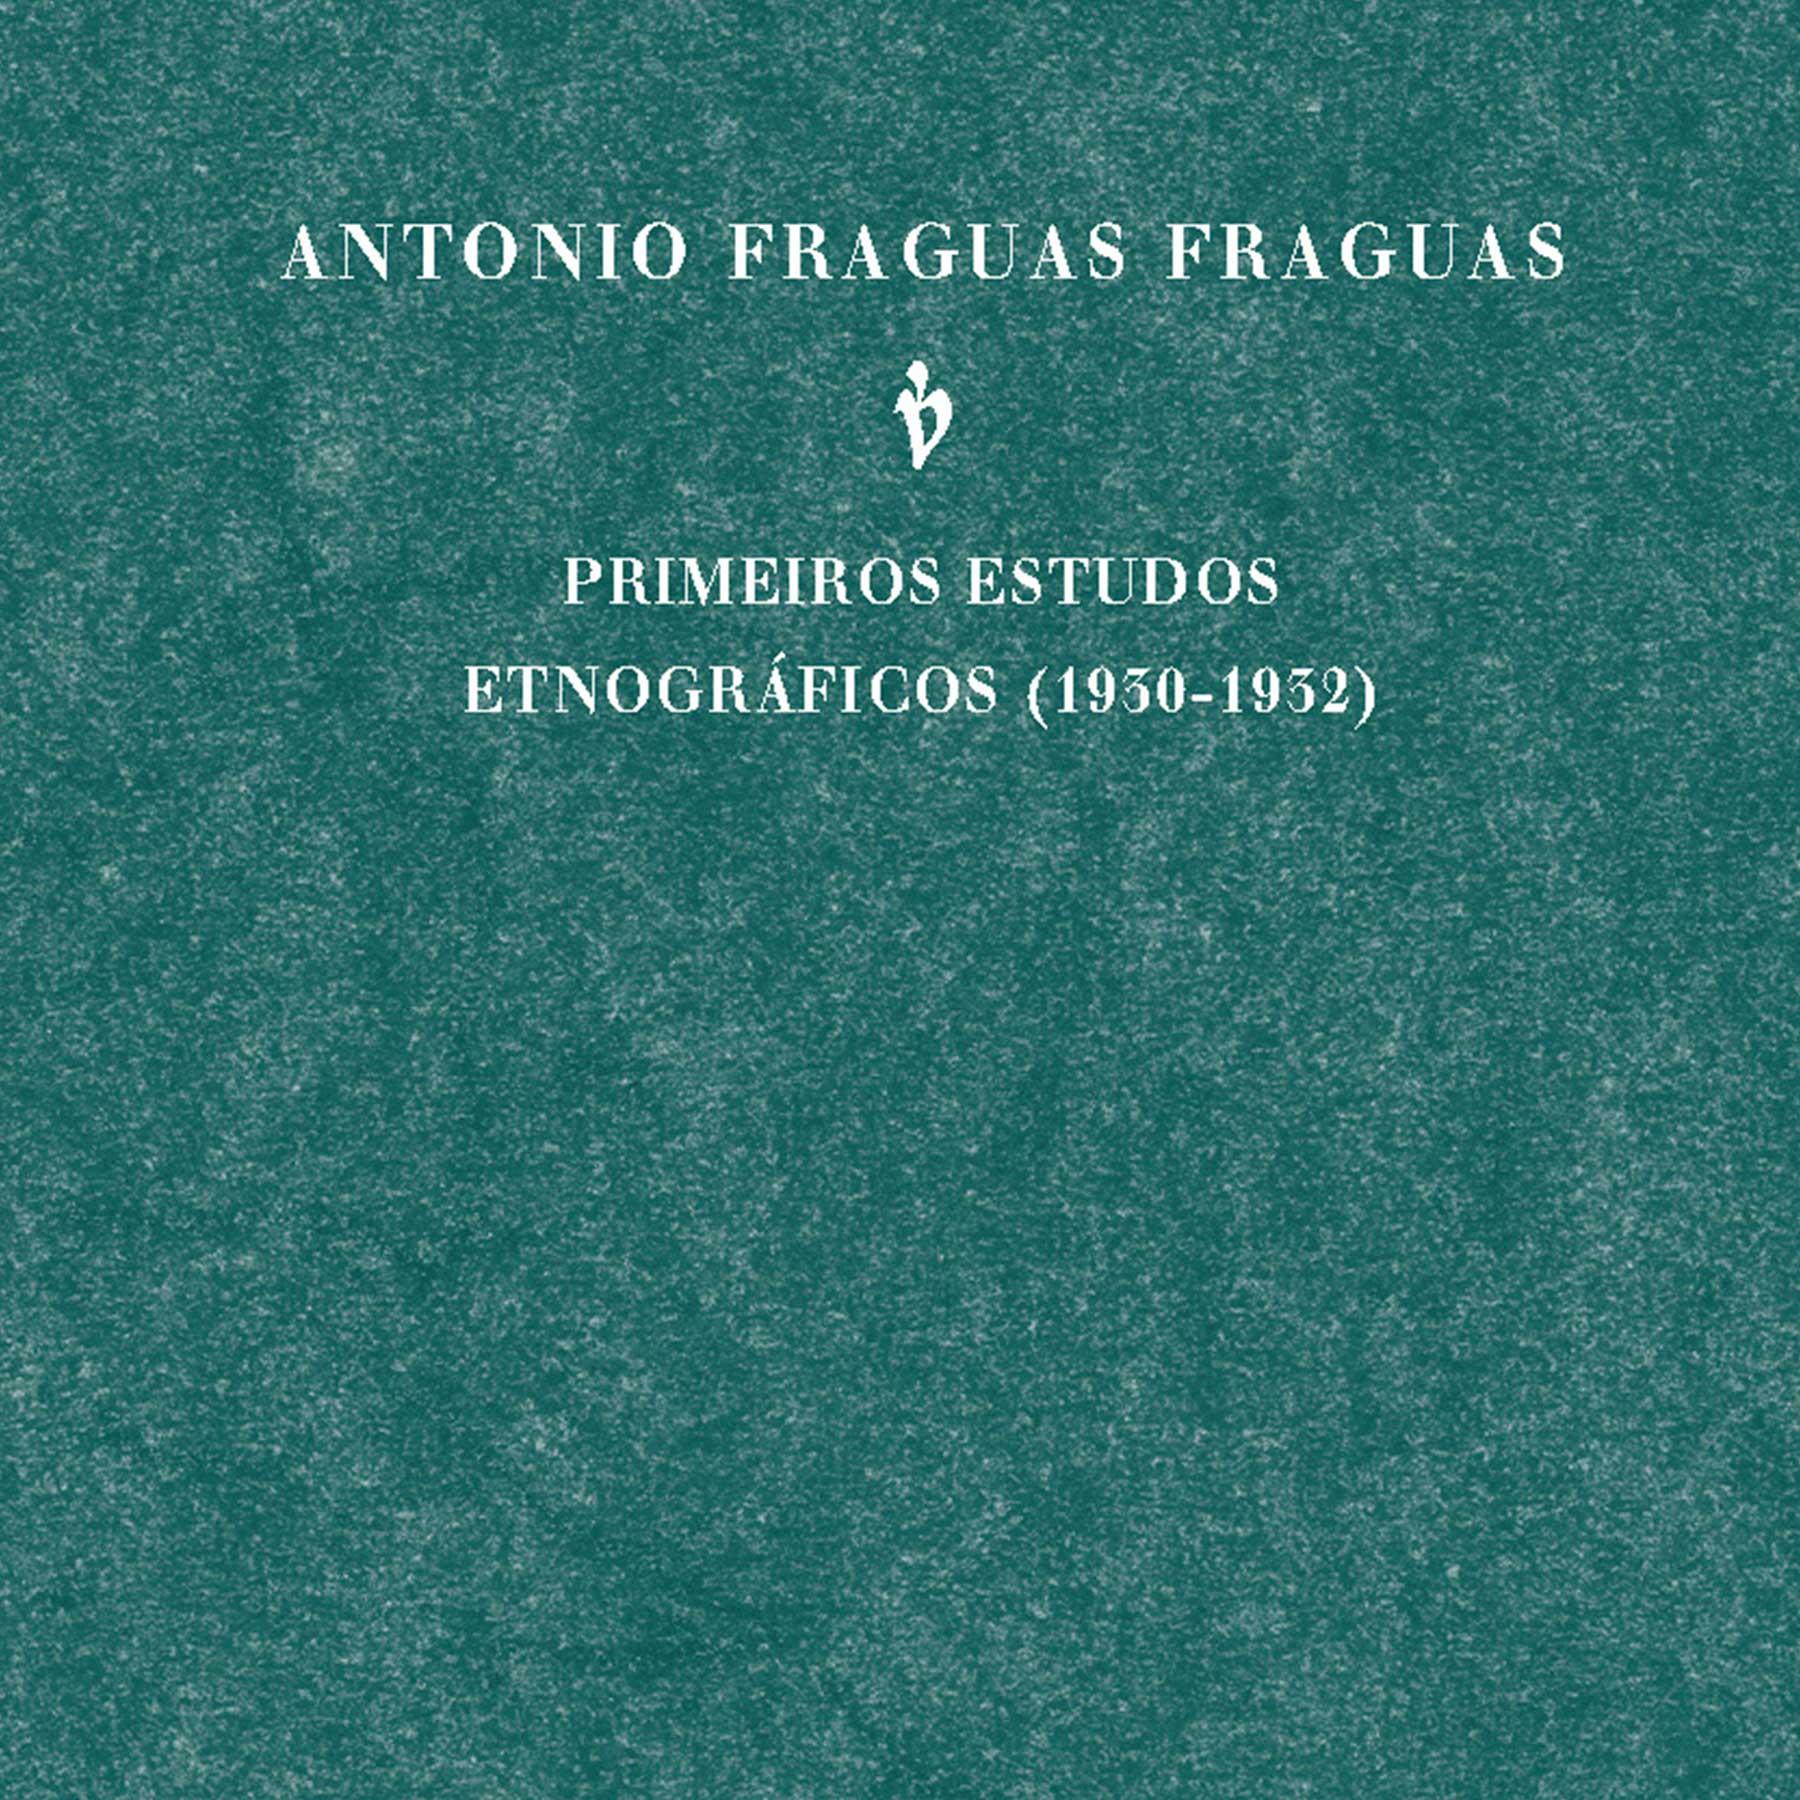 Presentación libro facsimilar Antonio Fraguas